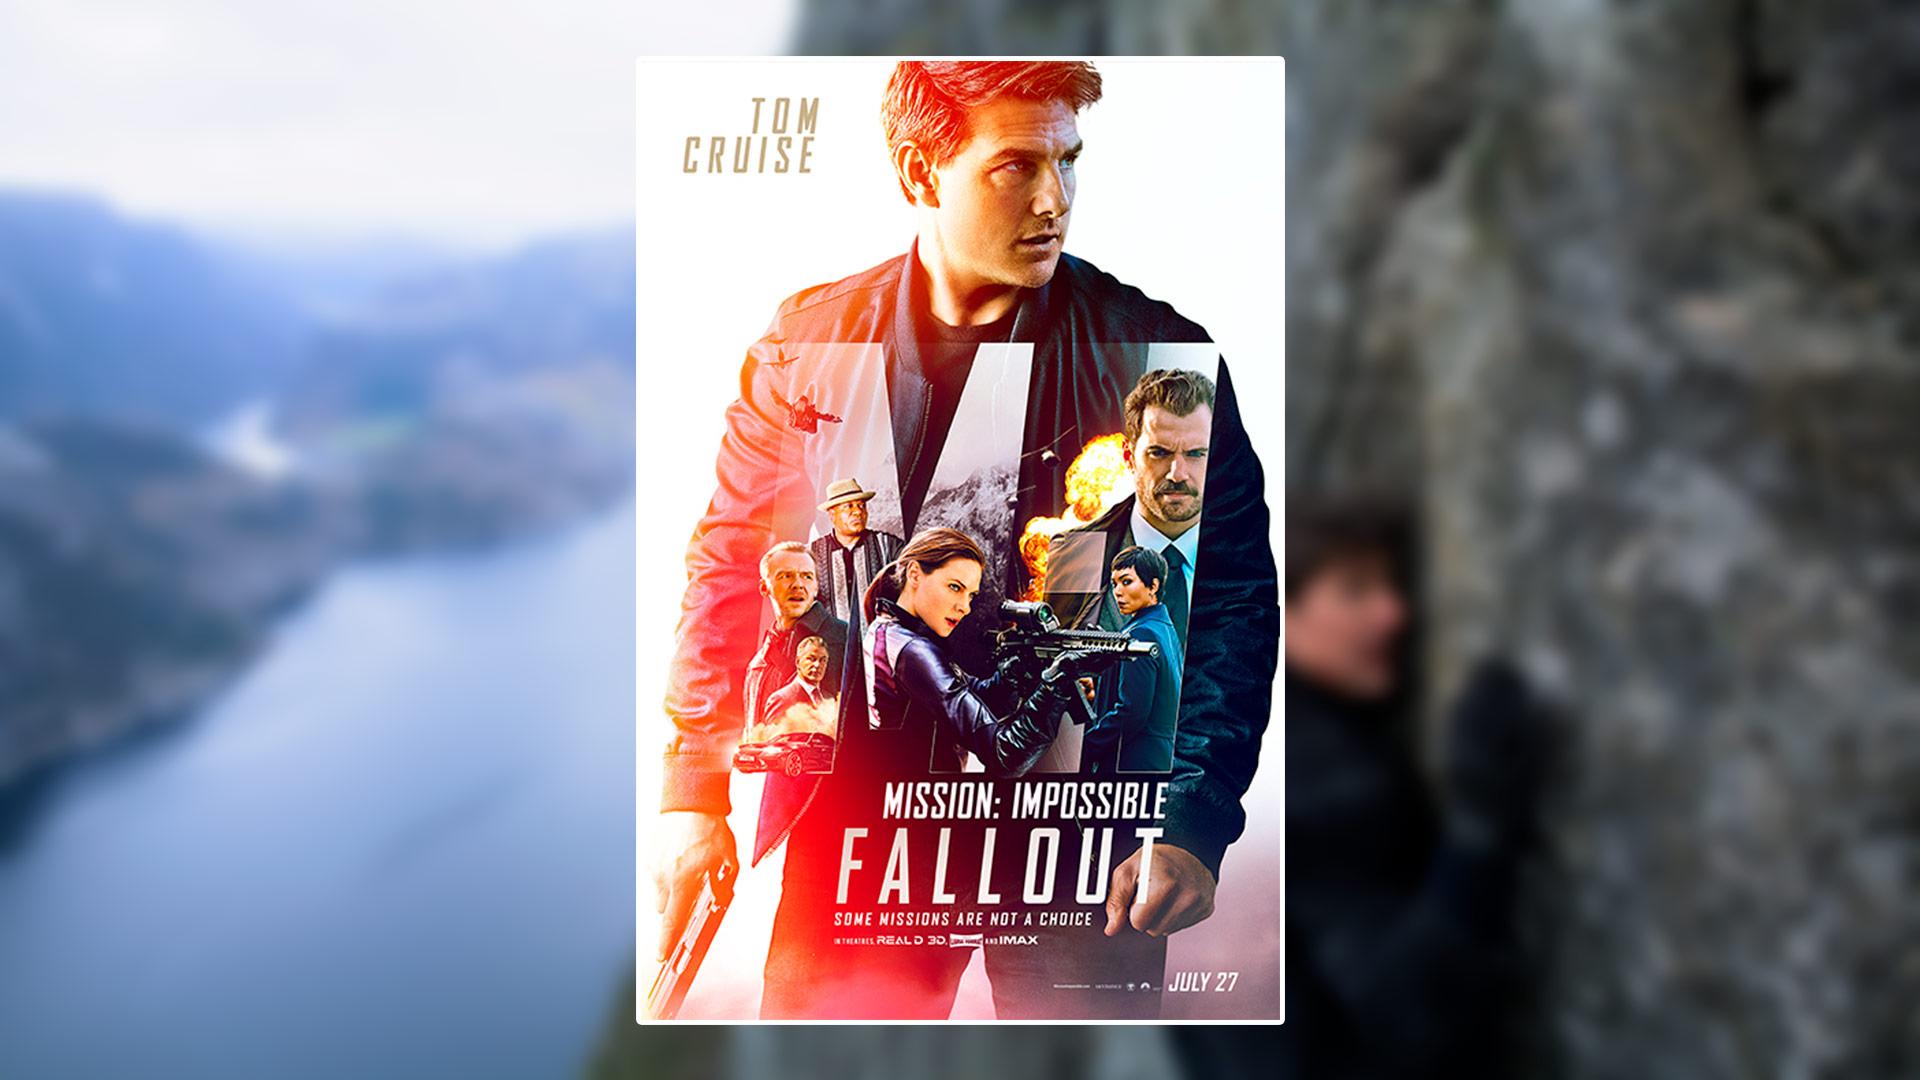 Critique du film Mission: Impossible – Fallout avec Tom Cruise